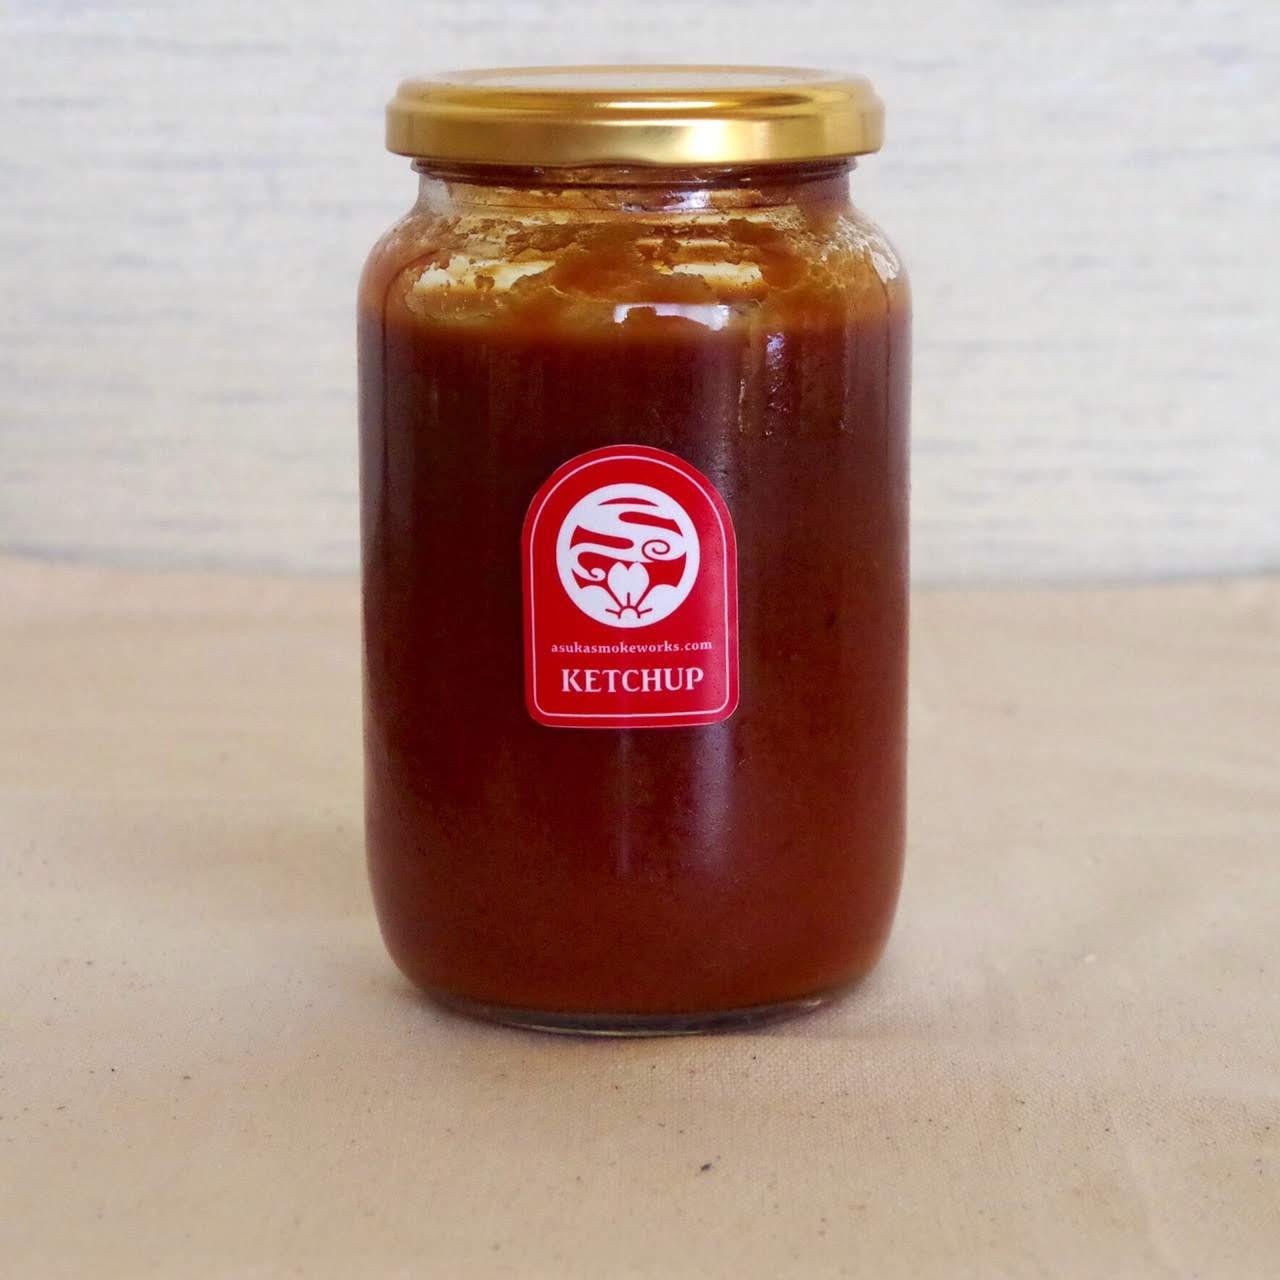 トマト&ベジタブル(ケチャップ)350g | あすか燻製工房[さくらバーガー](奈良/明日香)画像